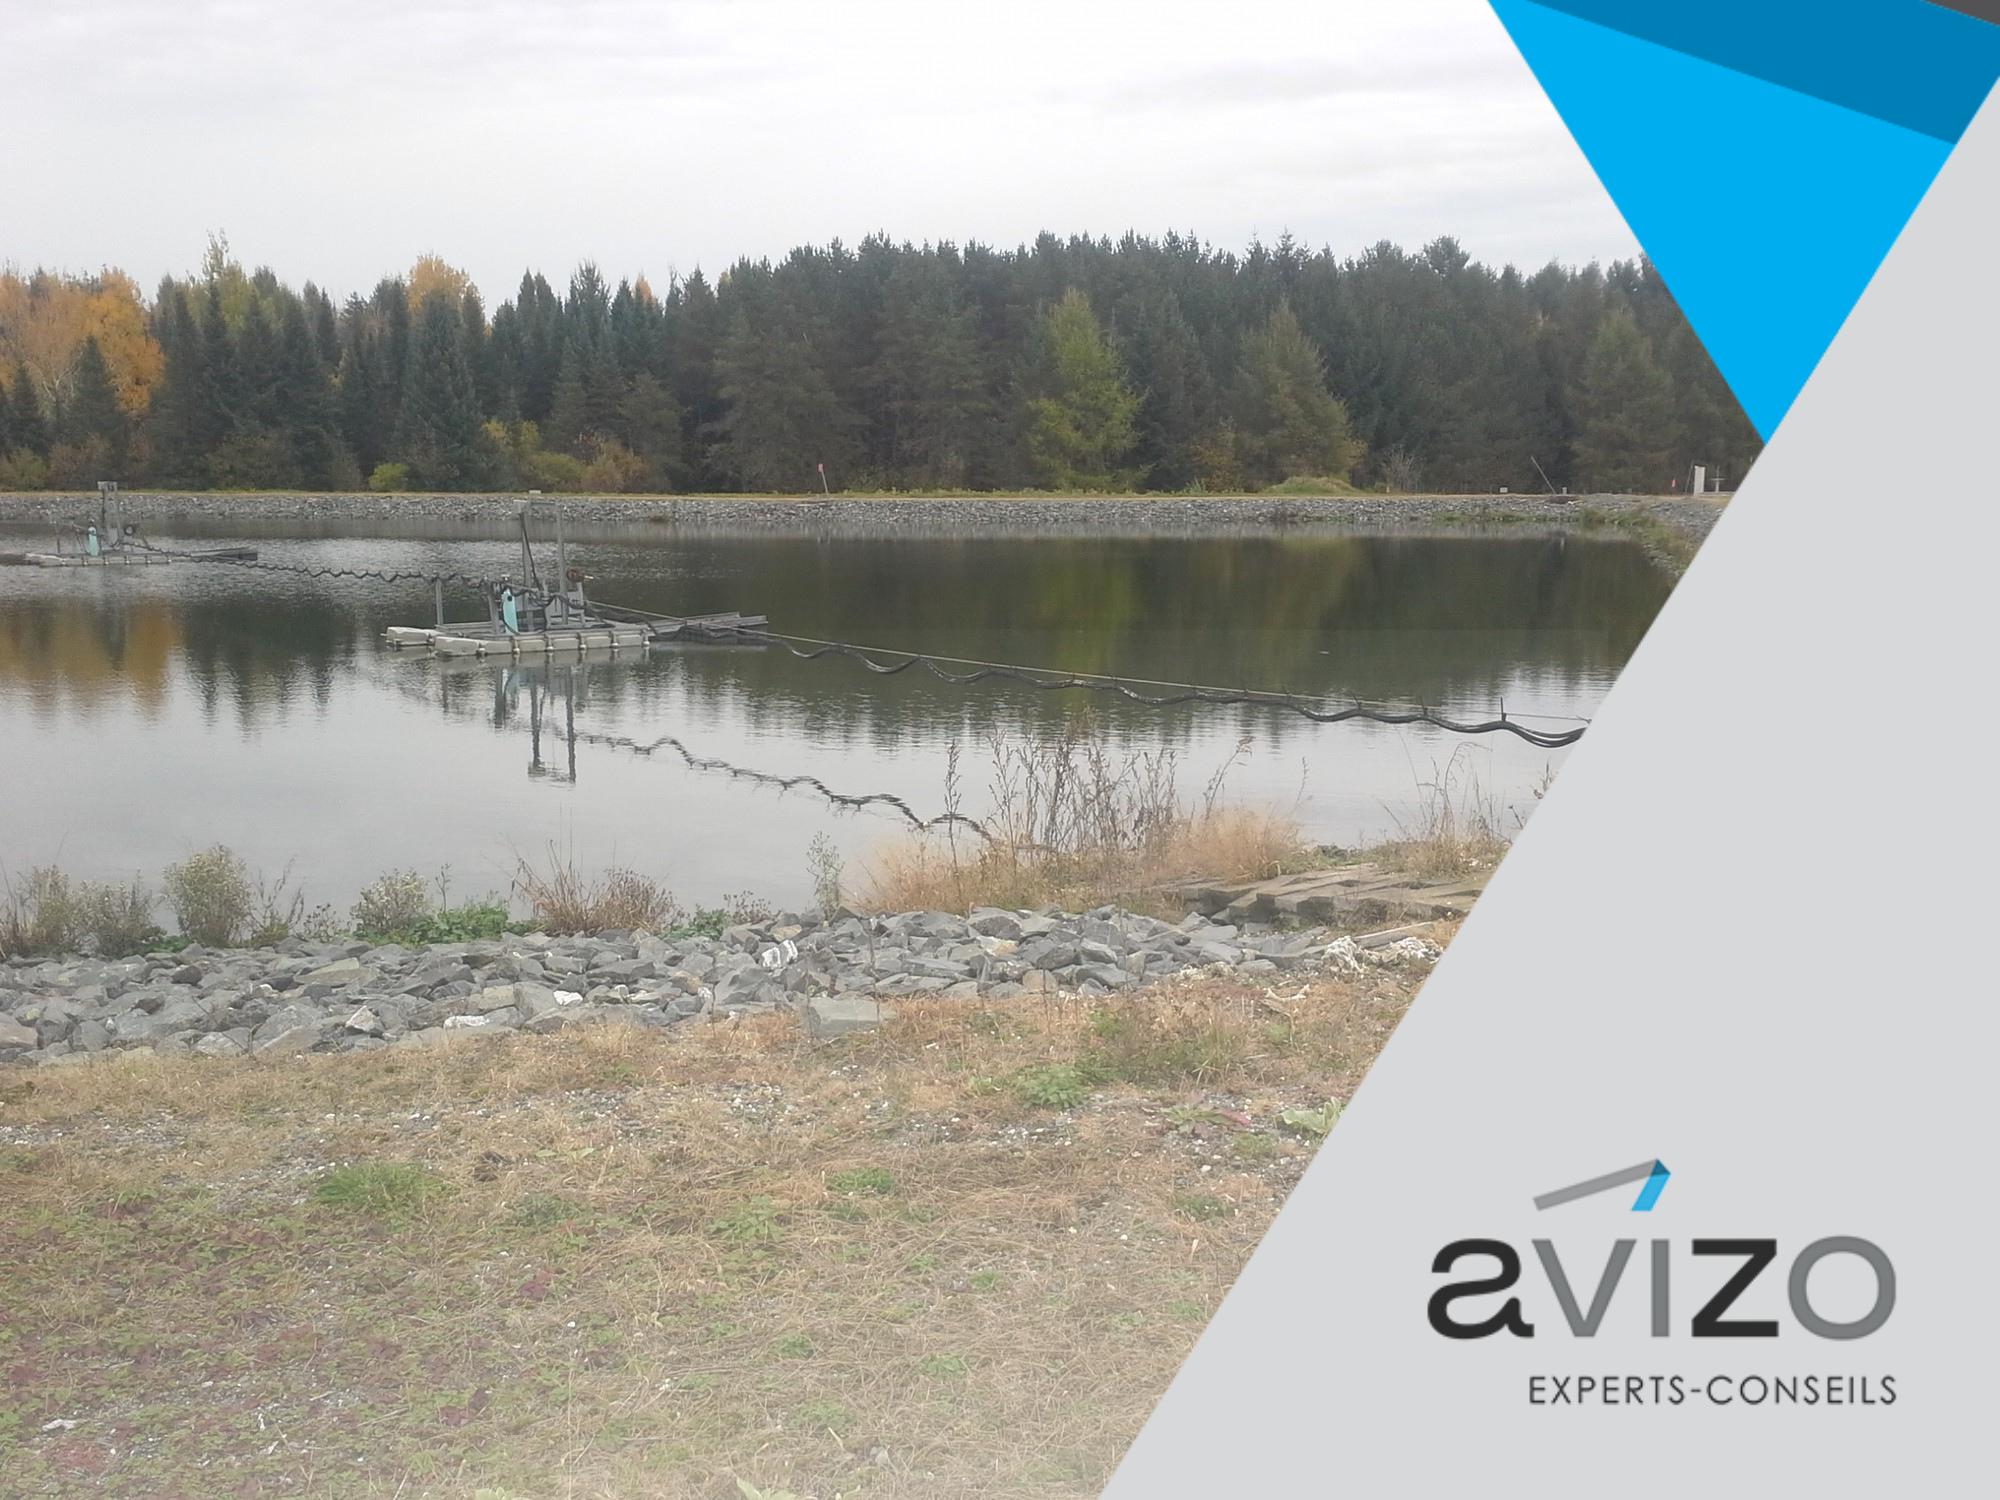 Les boues des étangs aérés peuvent diminuer leur efficacité